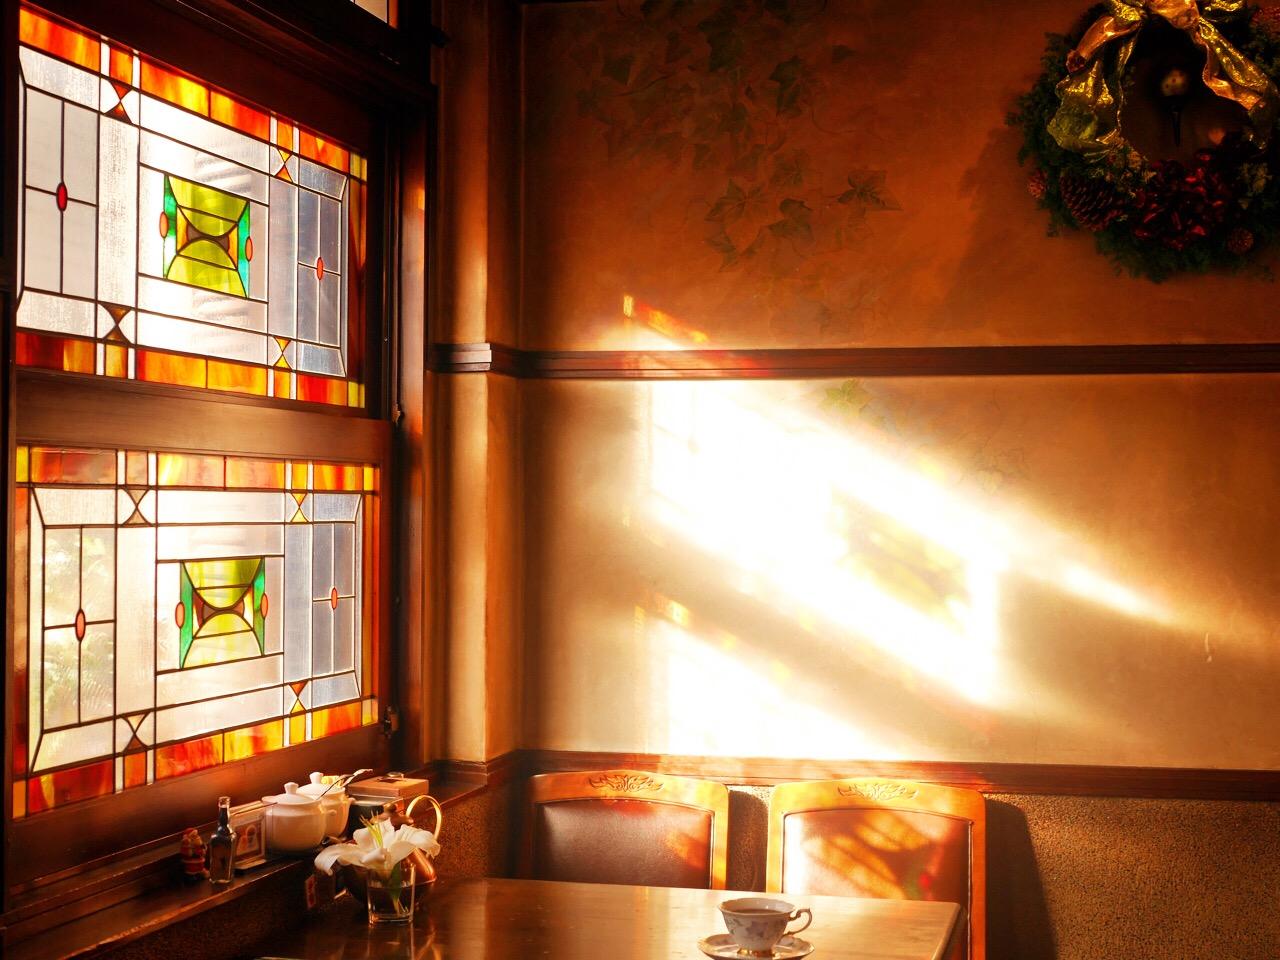 【決定版】名古屋のおすすめ穴場スポット〜絶品モーニングから隠れ家バーまで〜 - image1